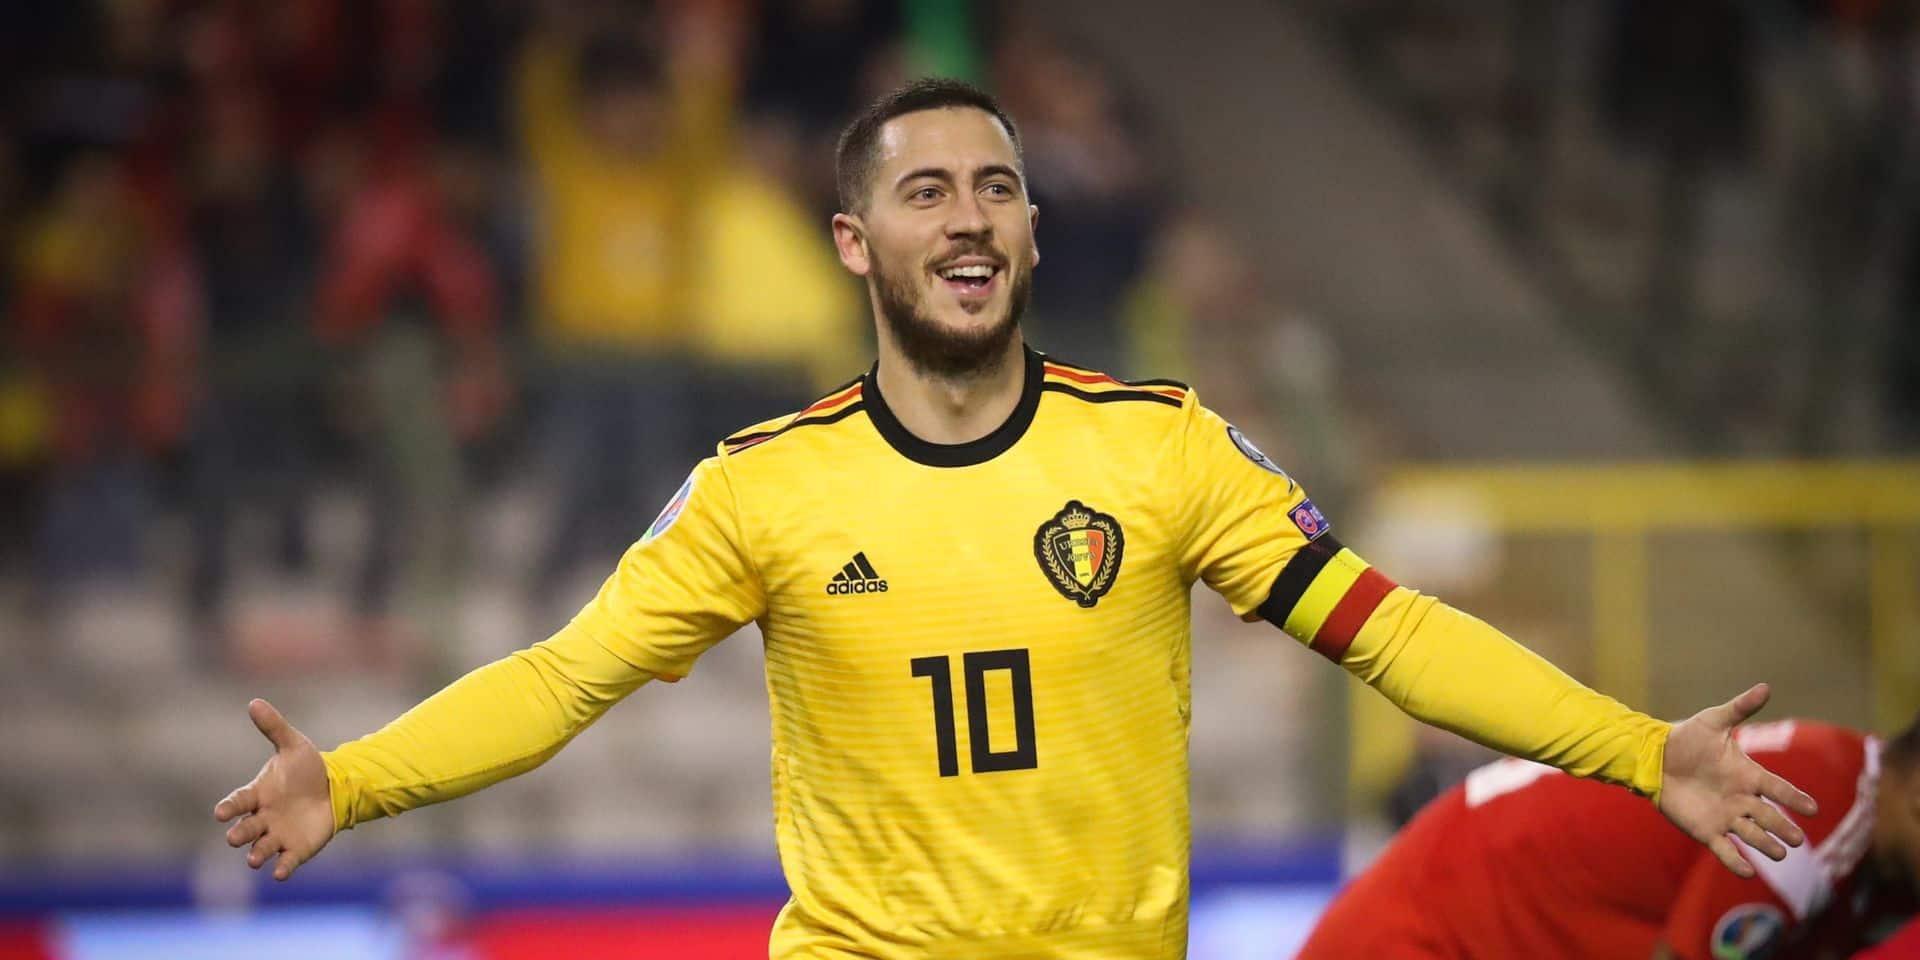 Eden Hazard, deuxième transfert le plus cher de l'histoire derrière Neymar mais devant Mbappé